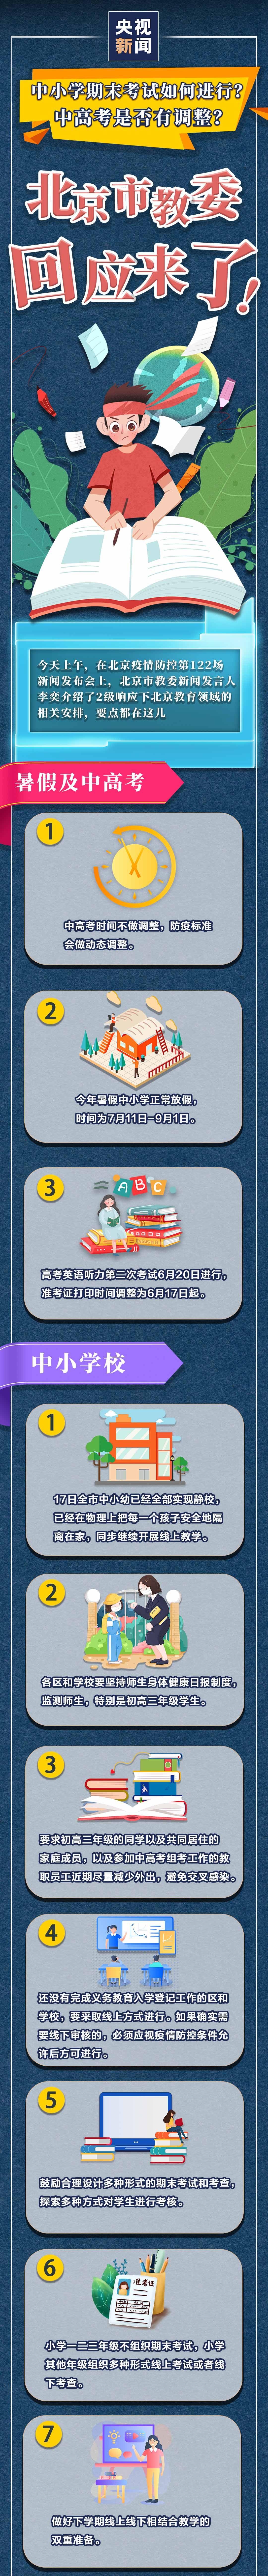 中高考是否有调整?中小学期末考试如何进行?北京市教委权威回应图片